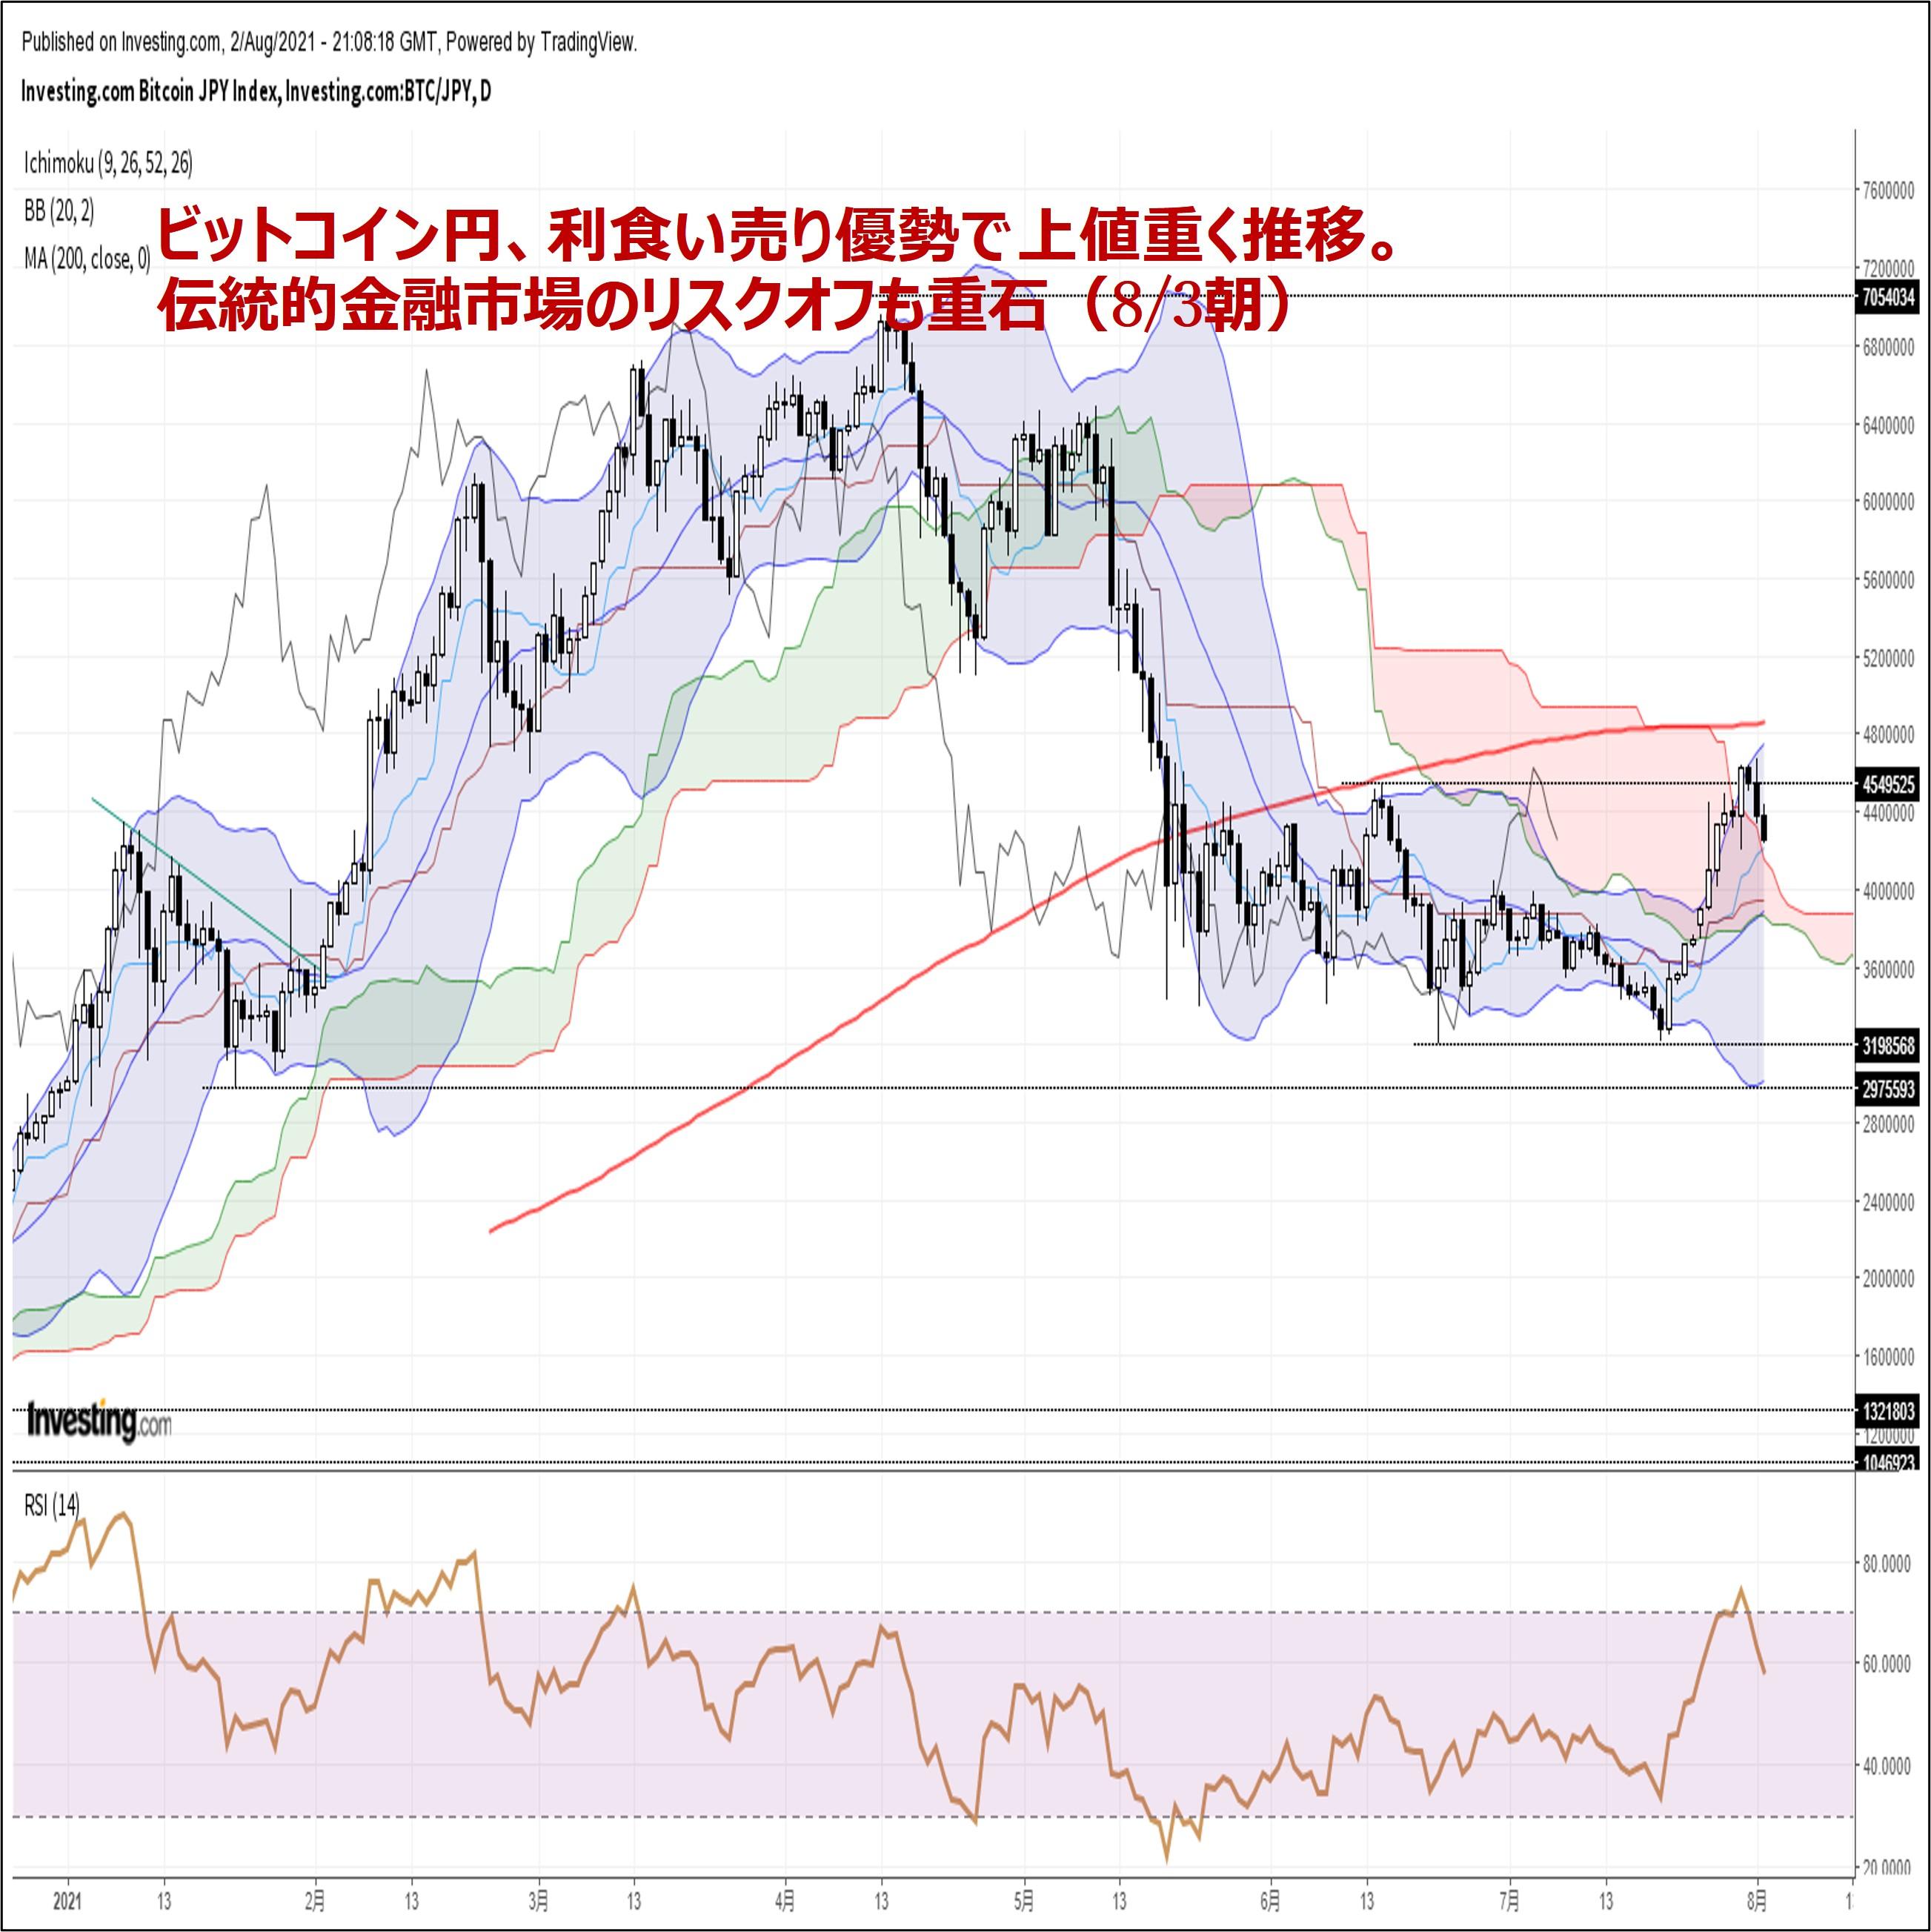 ビットコイン円、利食い売り優勢で上値重く推移。伝統的金融市場のリスクオフも重石(8/3朝)